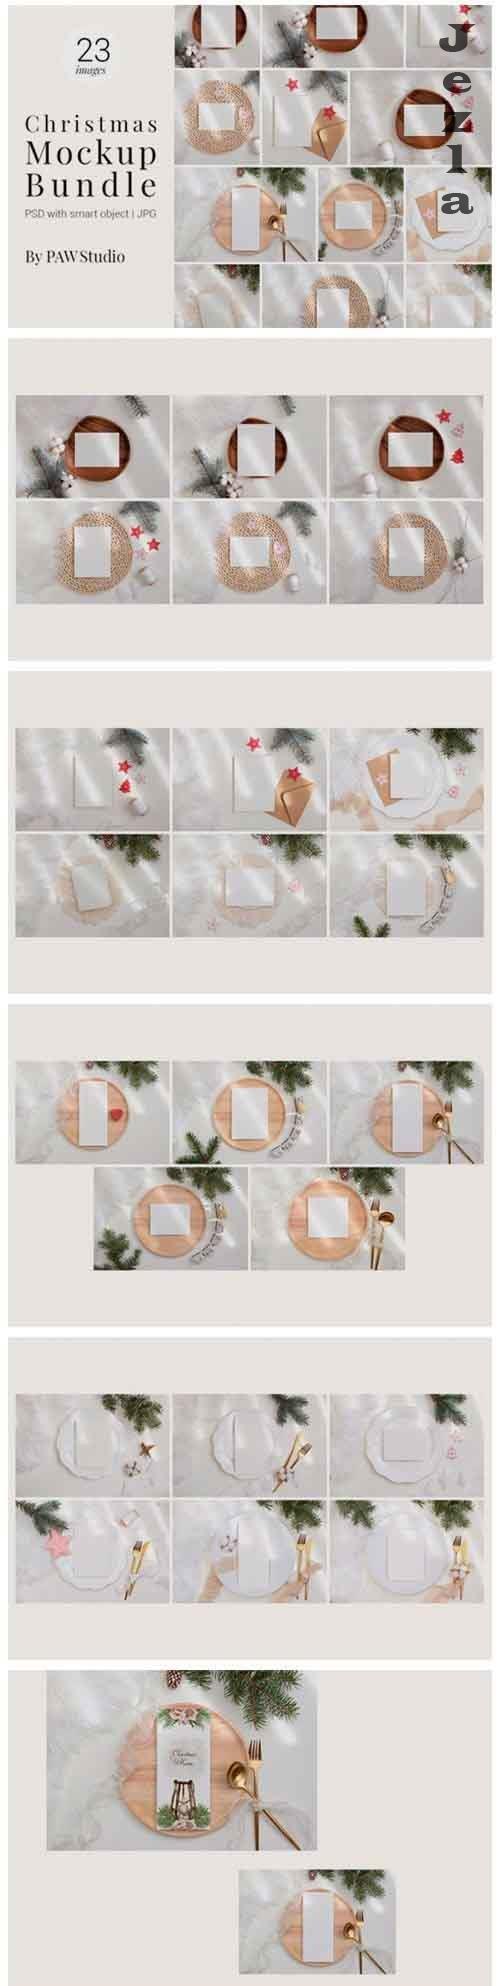 Christmas Bundle Card Mockup - 947450